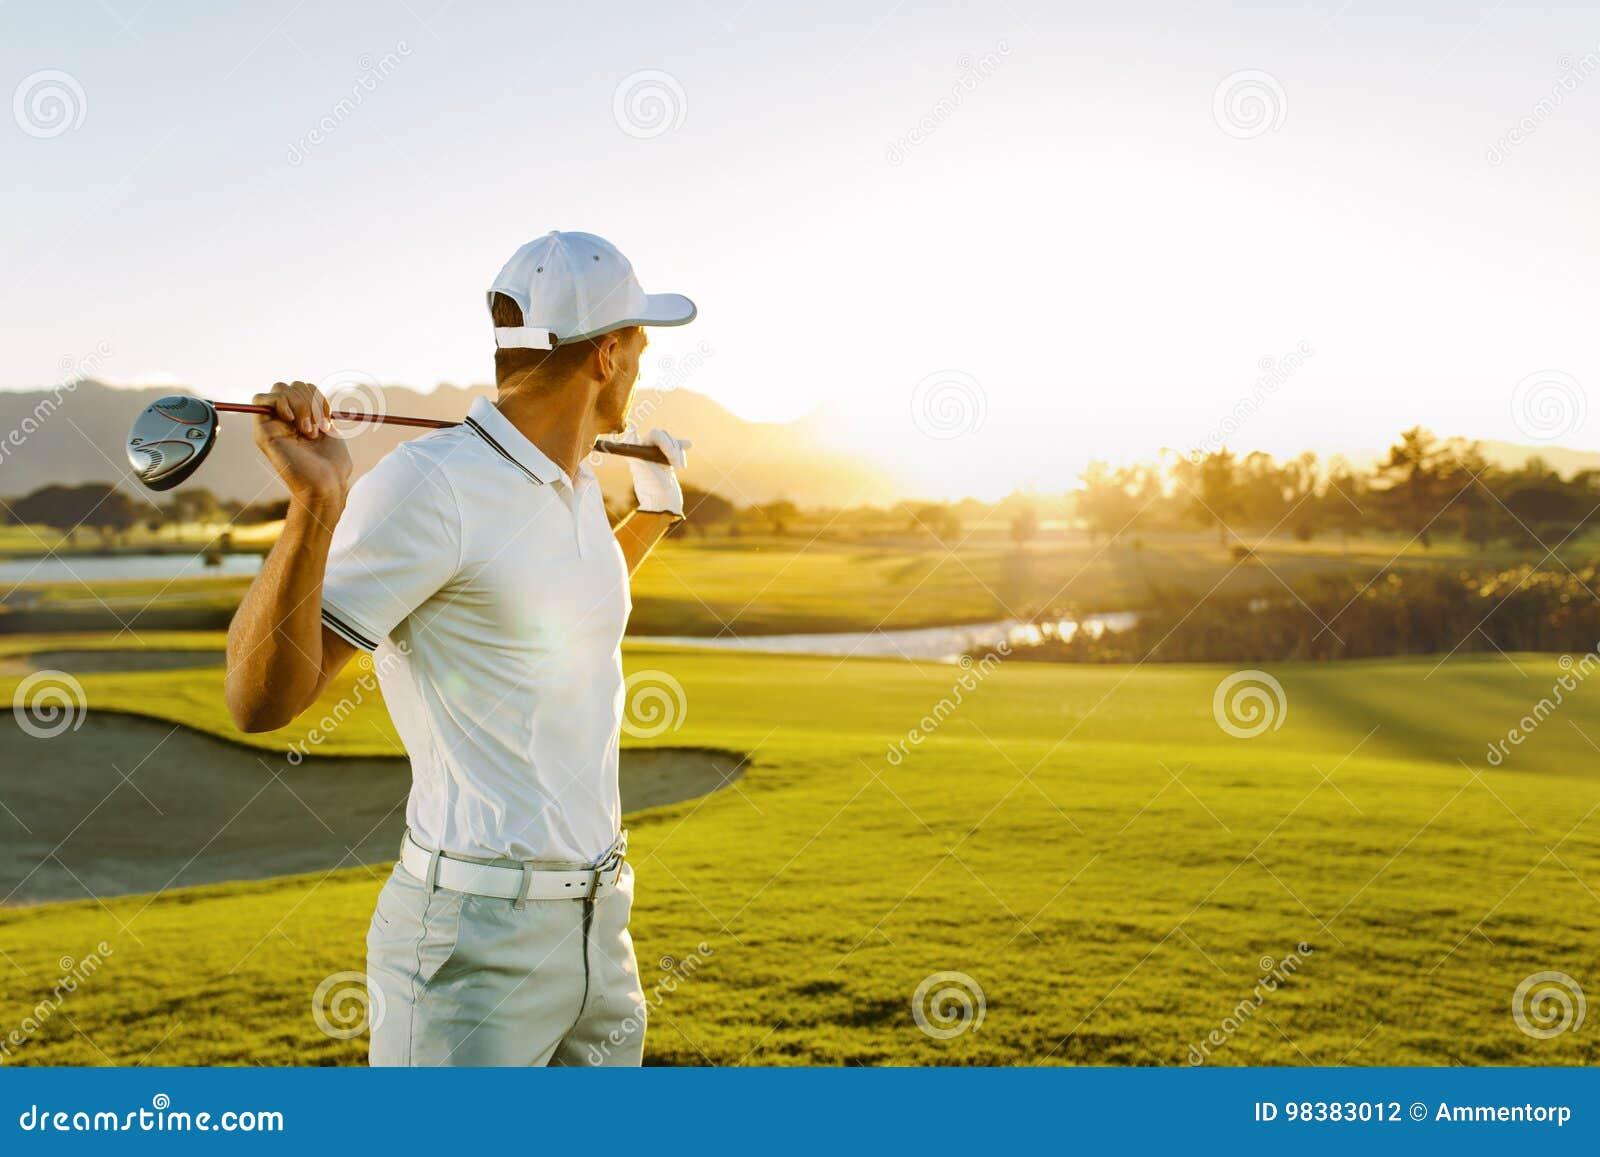 Профессиональный игрок в гольф на поле для гольфа